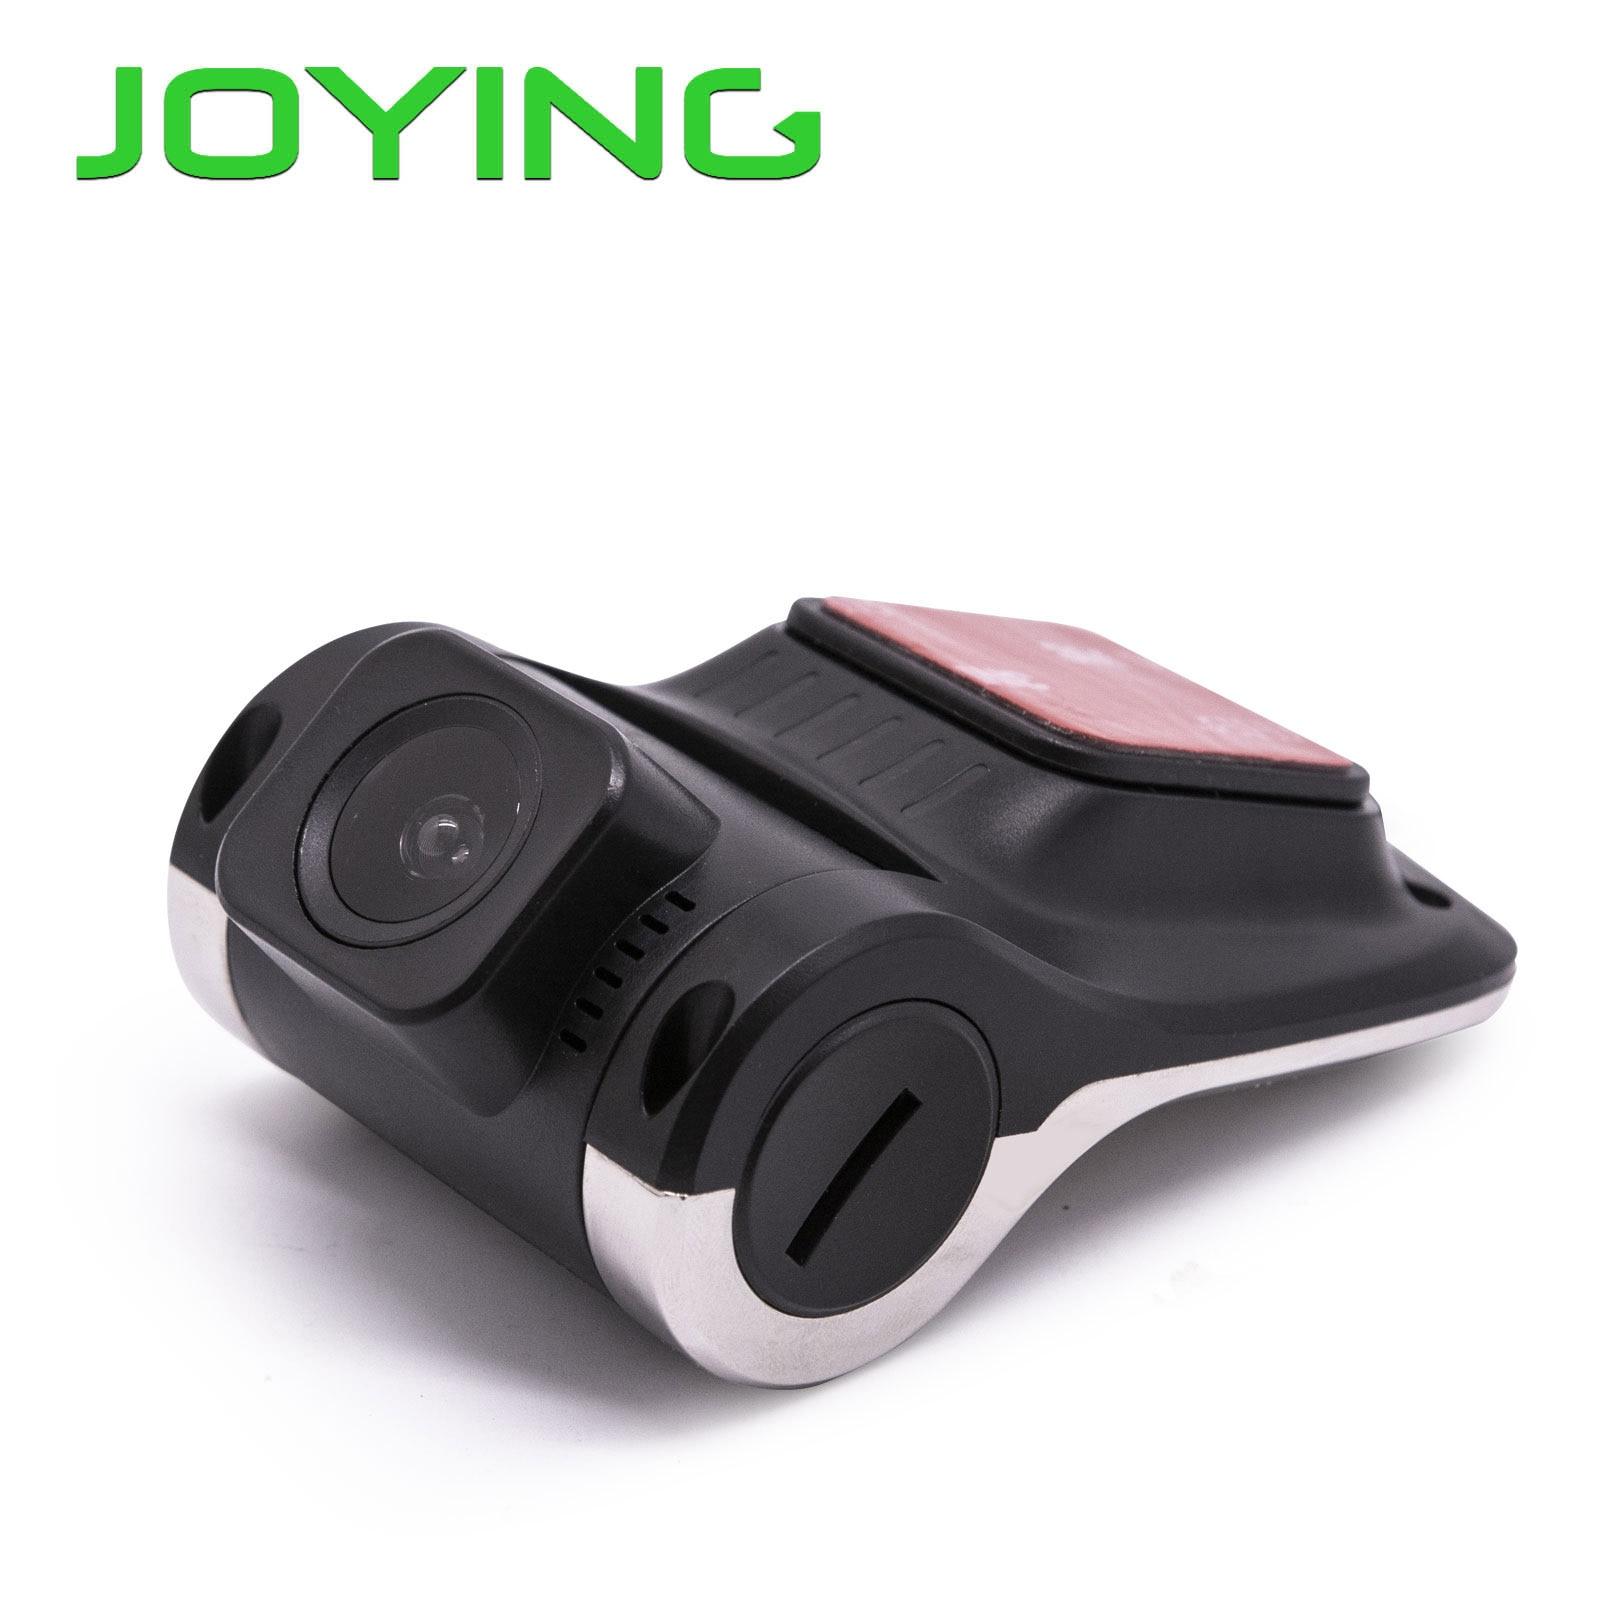 JOYING Auto Elektronik Zubehör Auto Radio USB Port Auto Vorne kamera DVR Rekord Stimme In-dash Verkehrs Guide stecker unterstützung TF SD